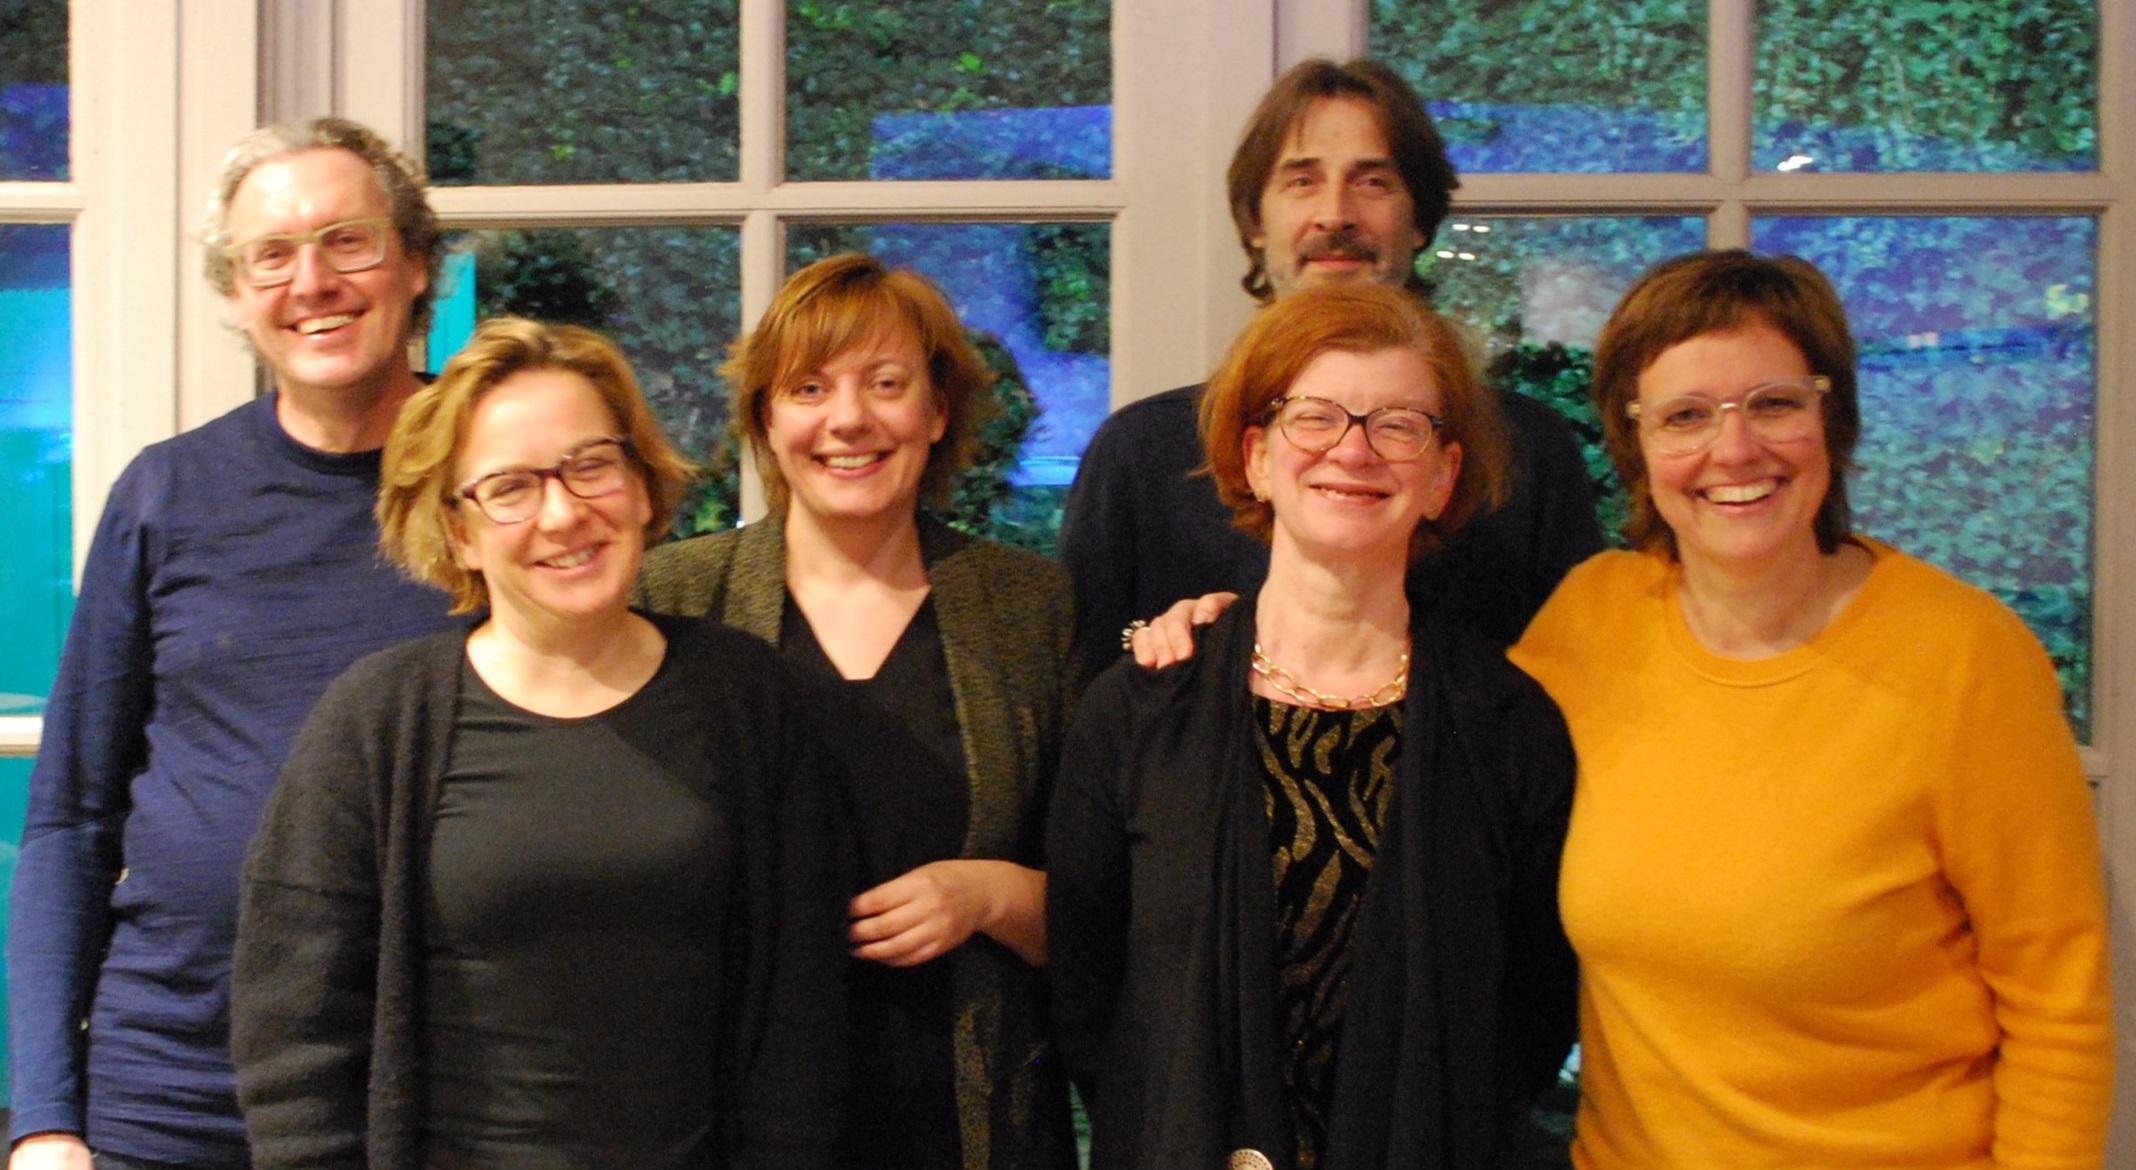 van links naar rechts: Mark De Munck, Saskia Lieveyns, Saskia Van Aerschot, Veronique Pertry, Luk Vangansbeke, Elke Jorens